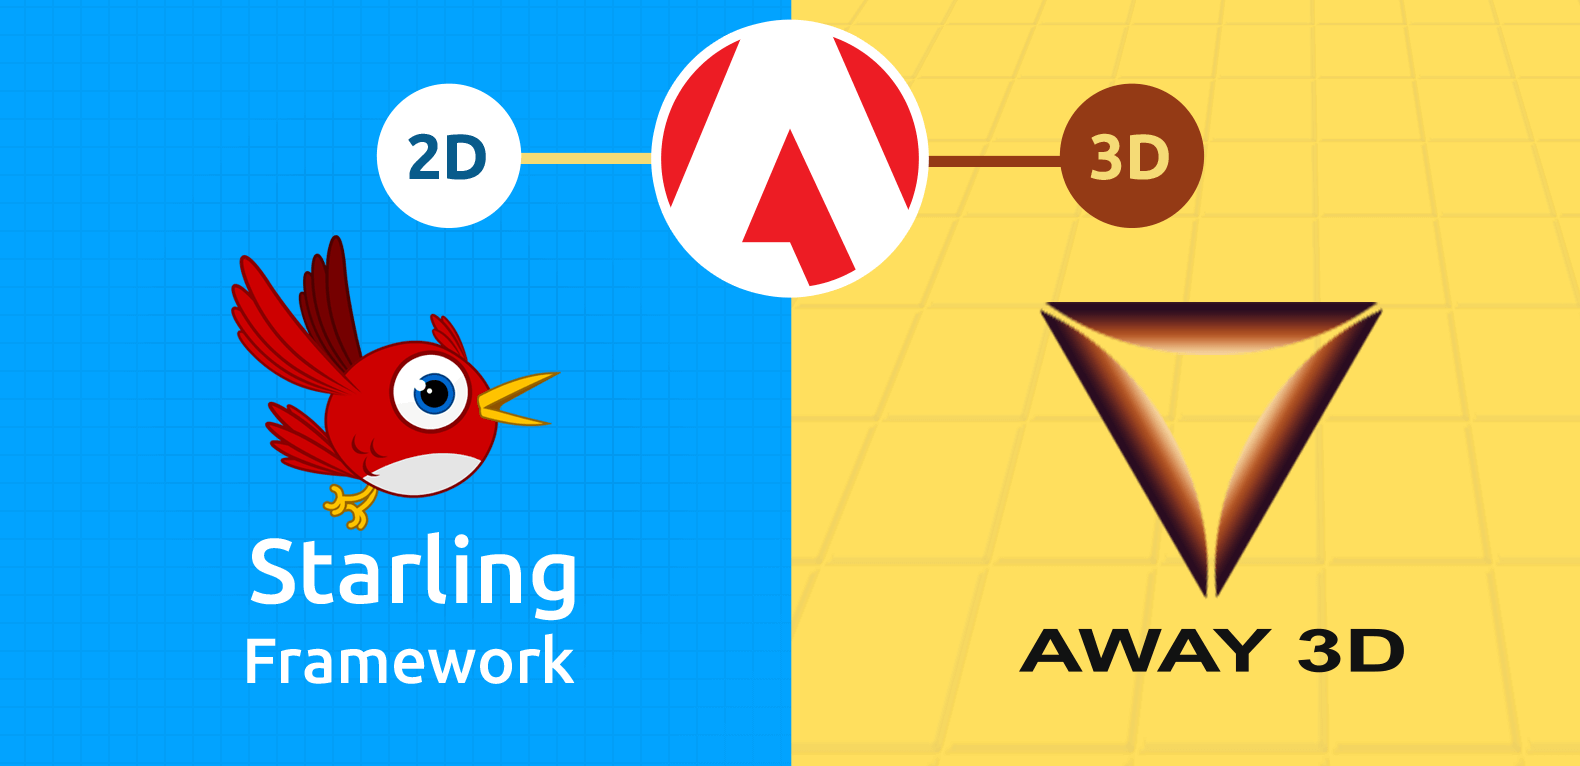 2D/3D rendering